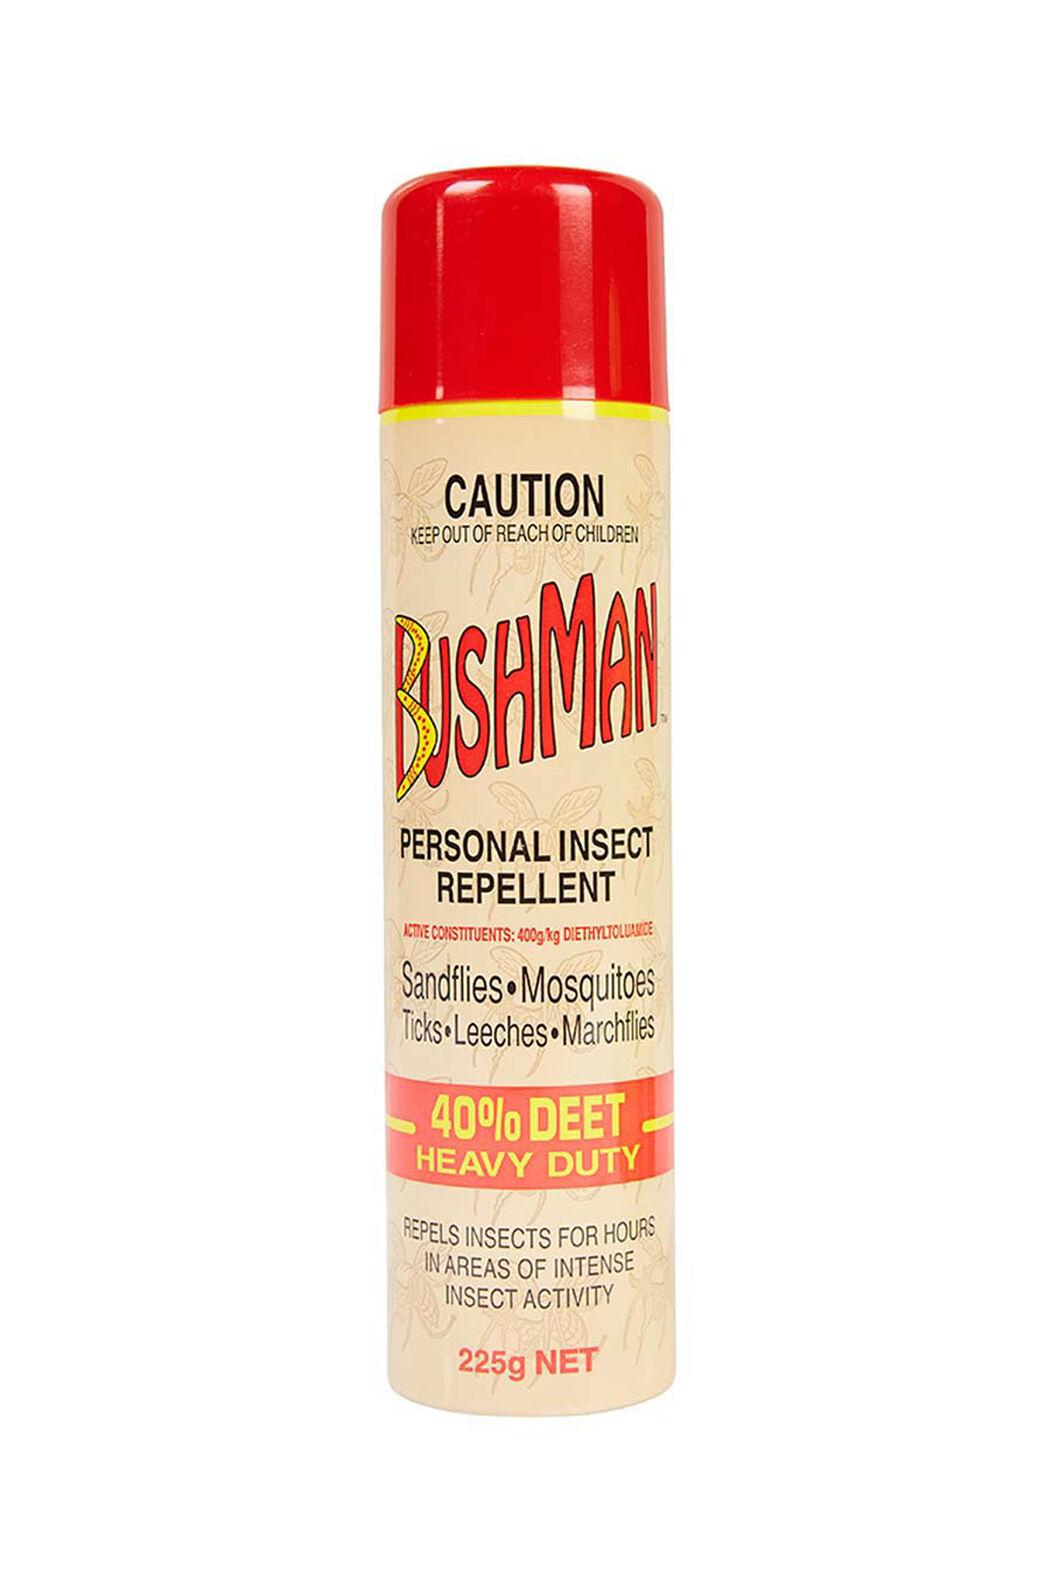 Bushman Aero Insect Repellent 225g, None, hi-res